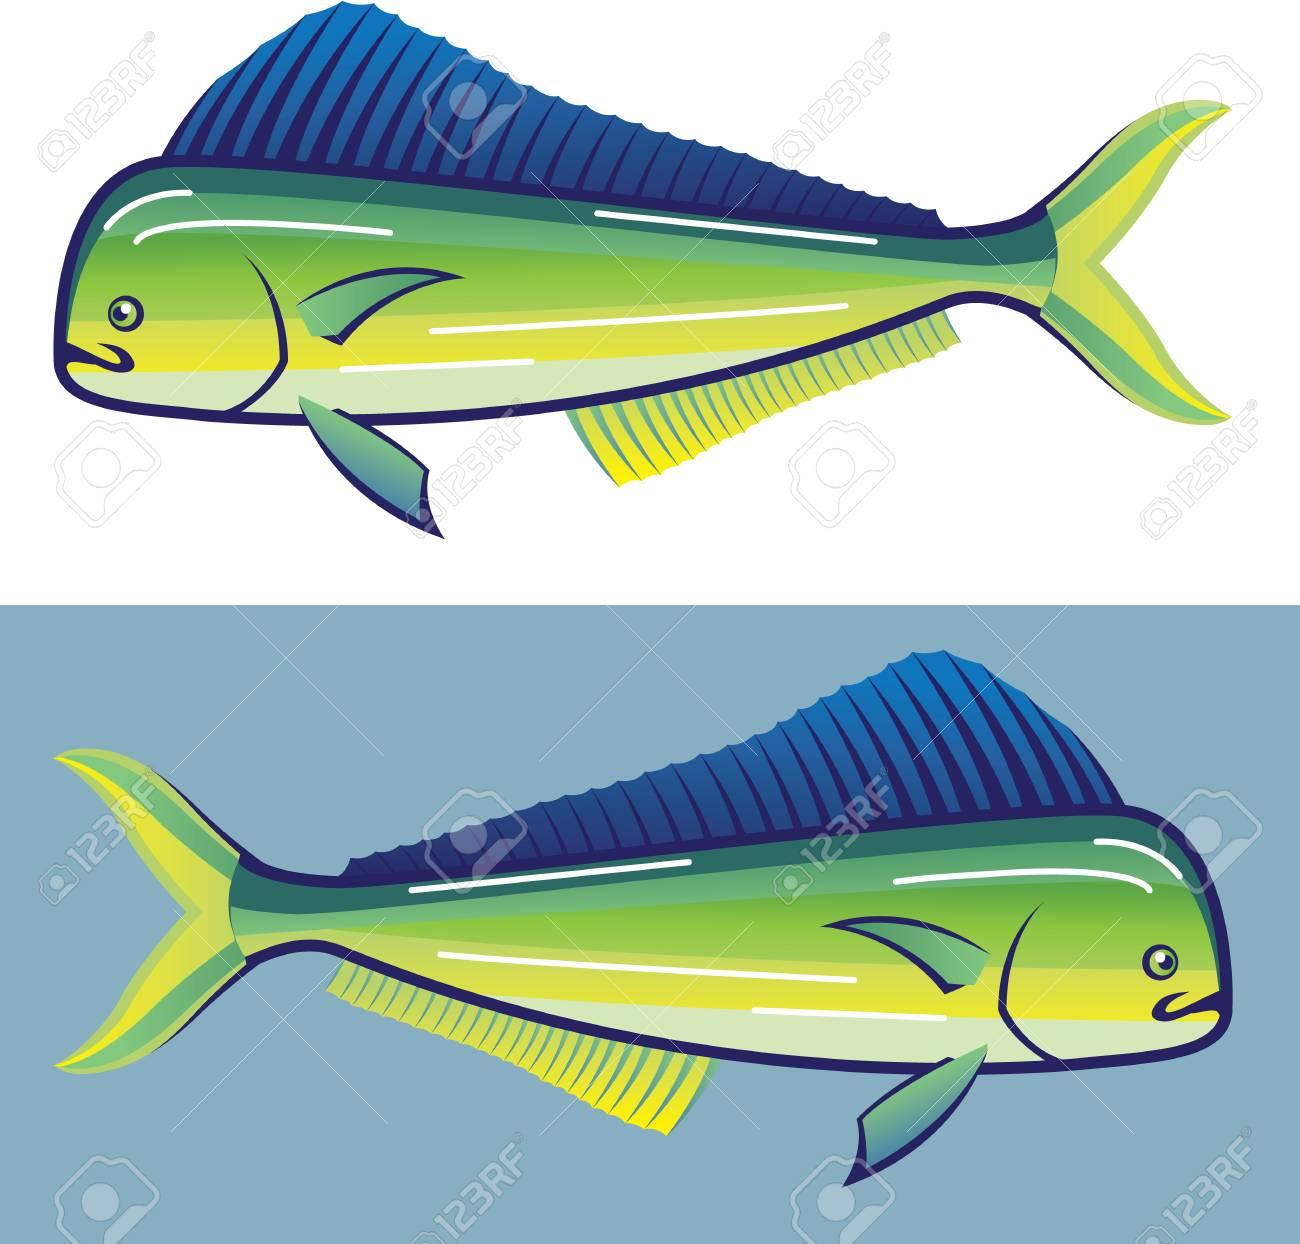 イルカの魚イラスト クリップ アート ロイヤリティーフリーフォト